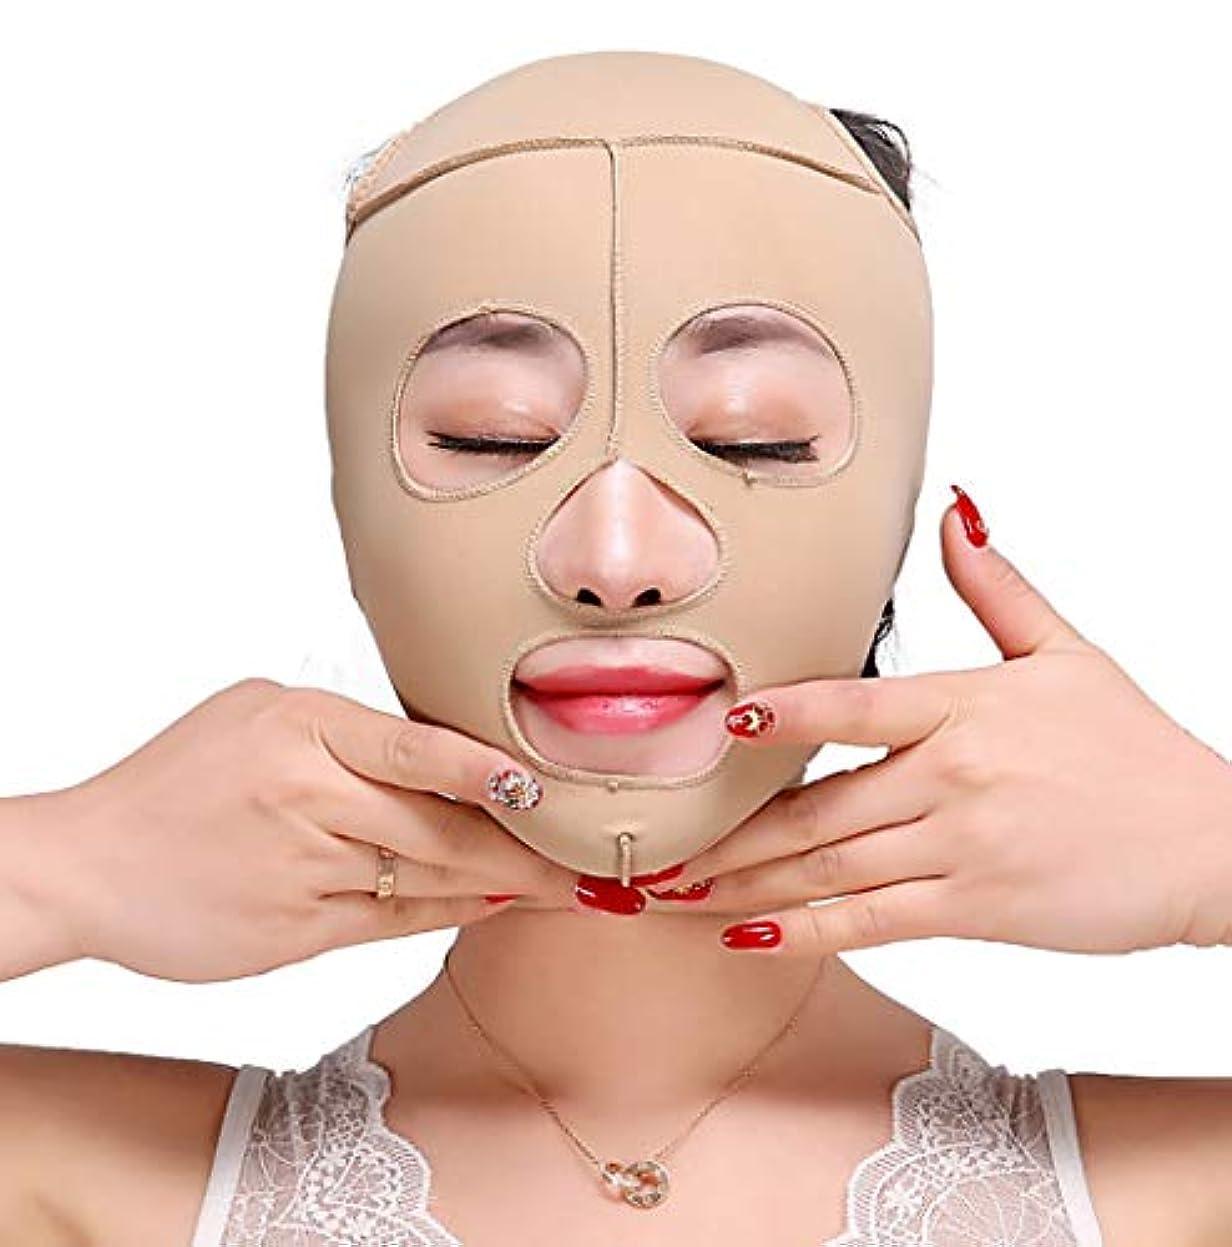 ホーンパイプライン見つけたGLJJQMY 痩身ベルト痩身ベルト薄い顔の包帯小V顔の顔の薄い顔のマスク包帯の強化引き締めV顔美容マスク小さな顔の包帯の頭飾り修正顔の形 顔用整形マスク (Size : M)